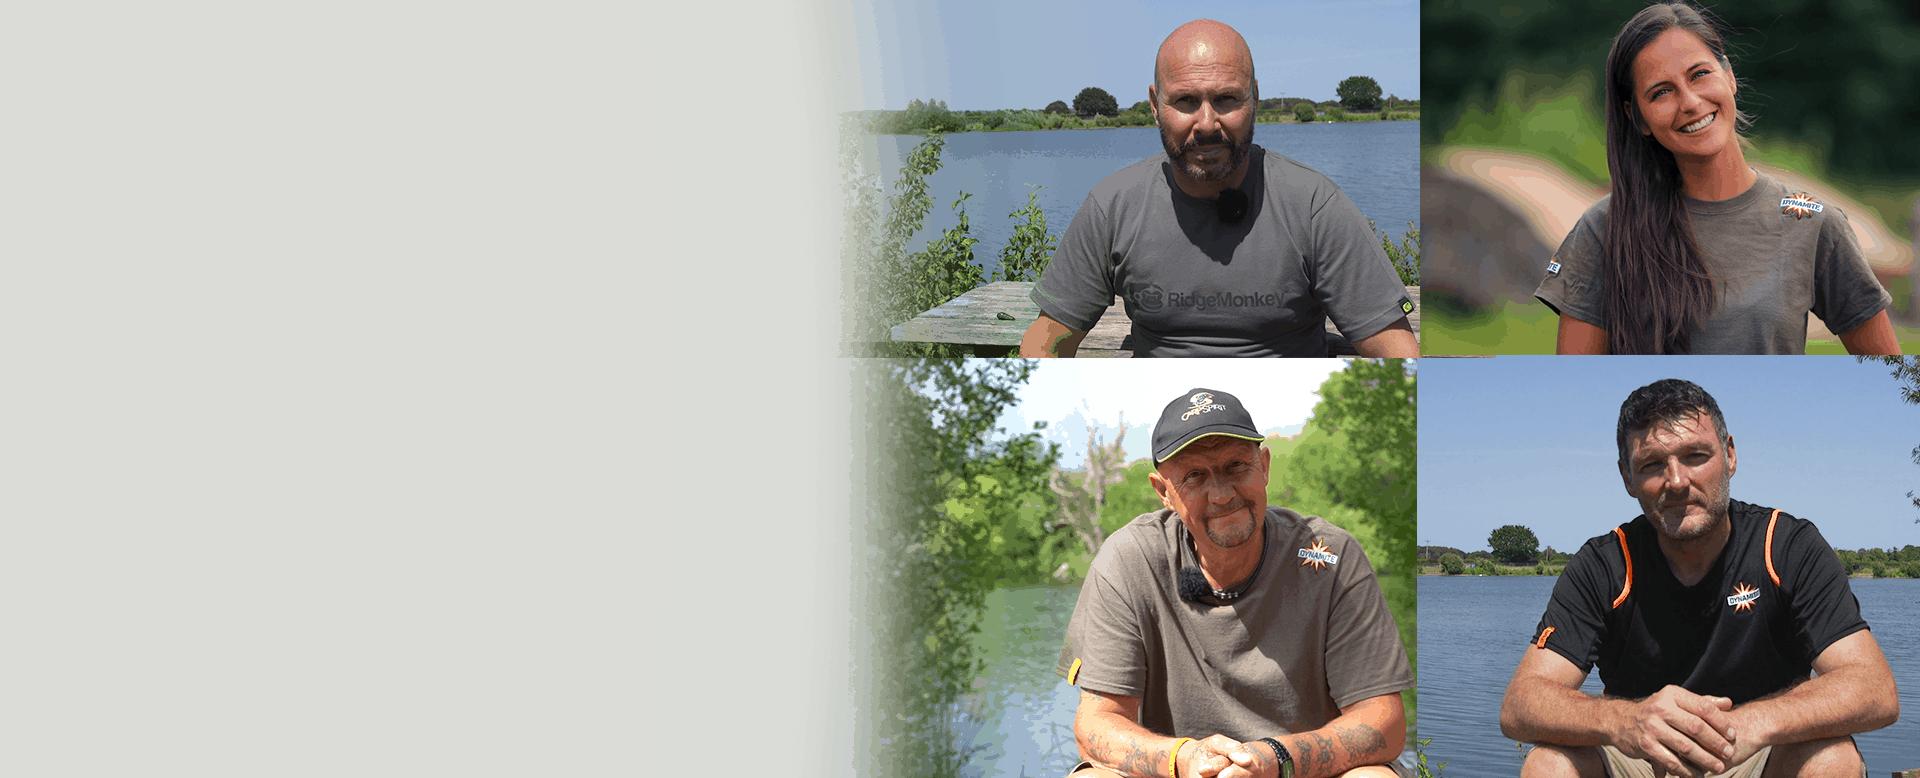 Pro Angler Tutorials